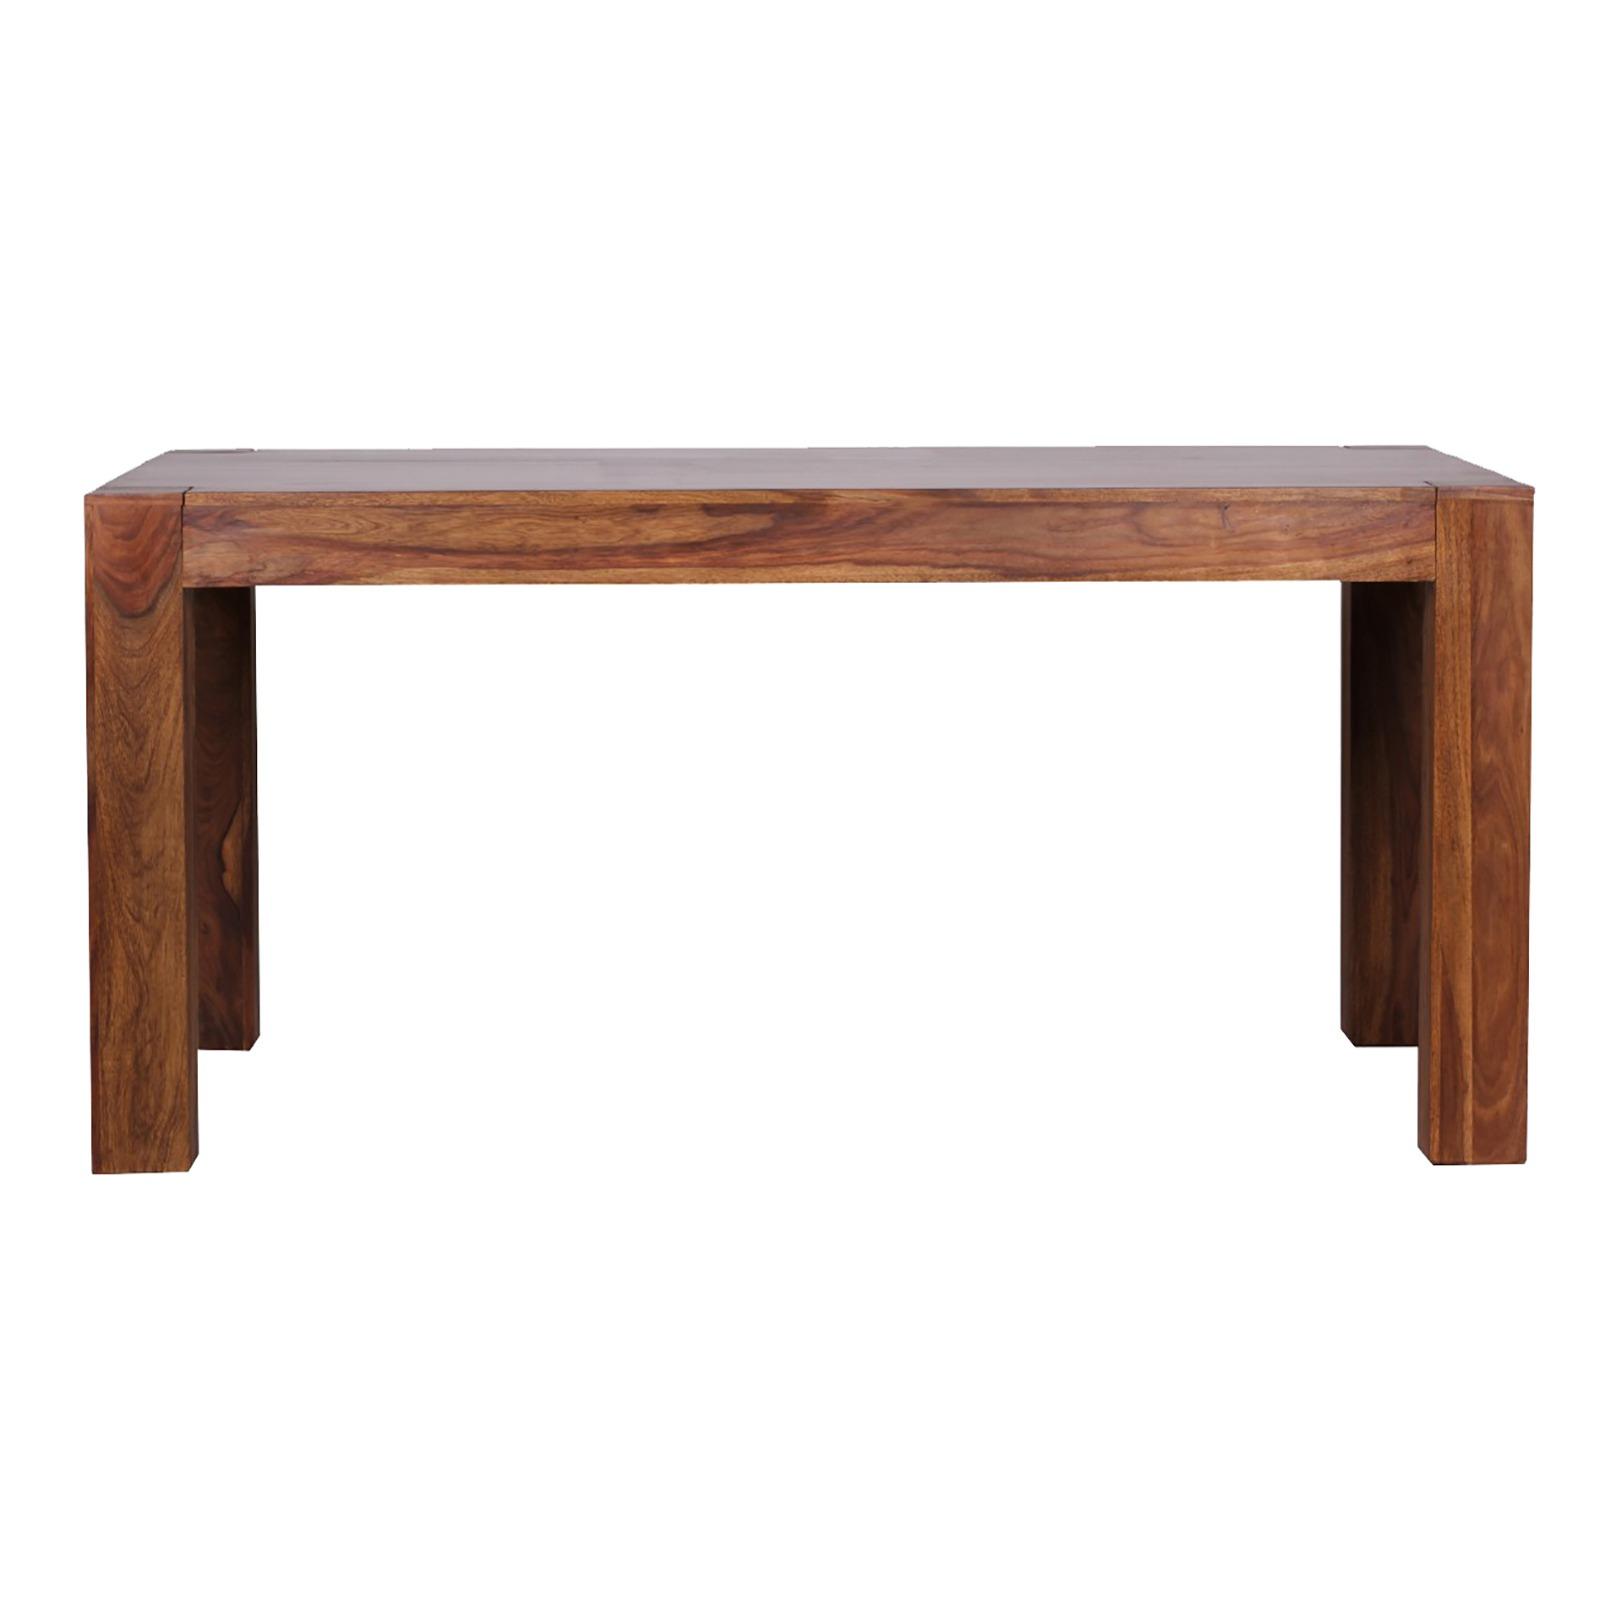 Schon Esstisch Ausziehbar Massivholz Sheesham 160 240x100x76cm Küchentisch Tisch  Holz